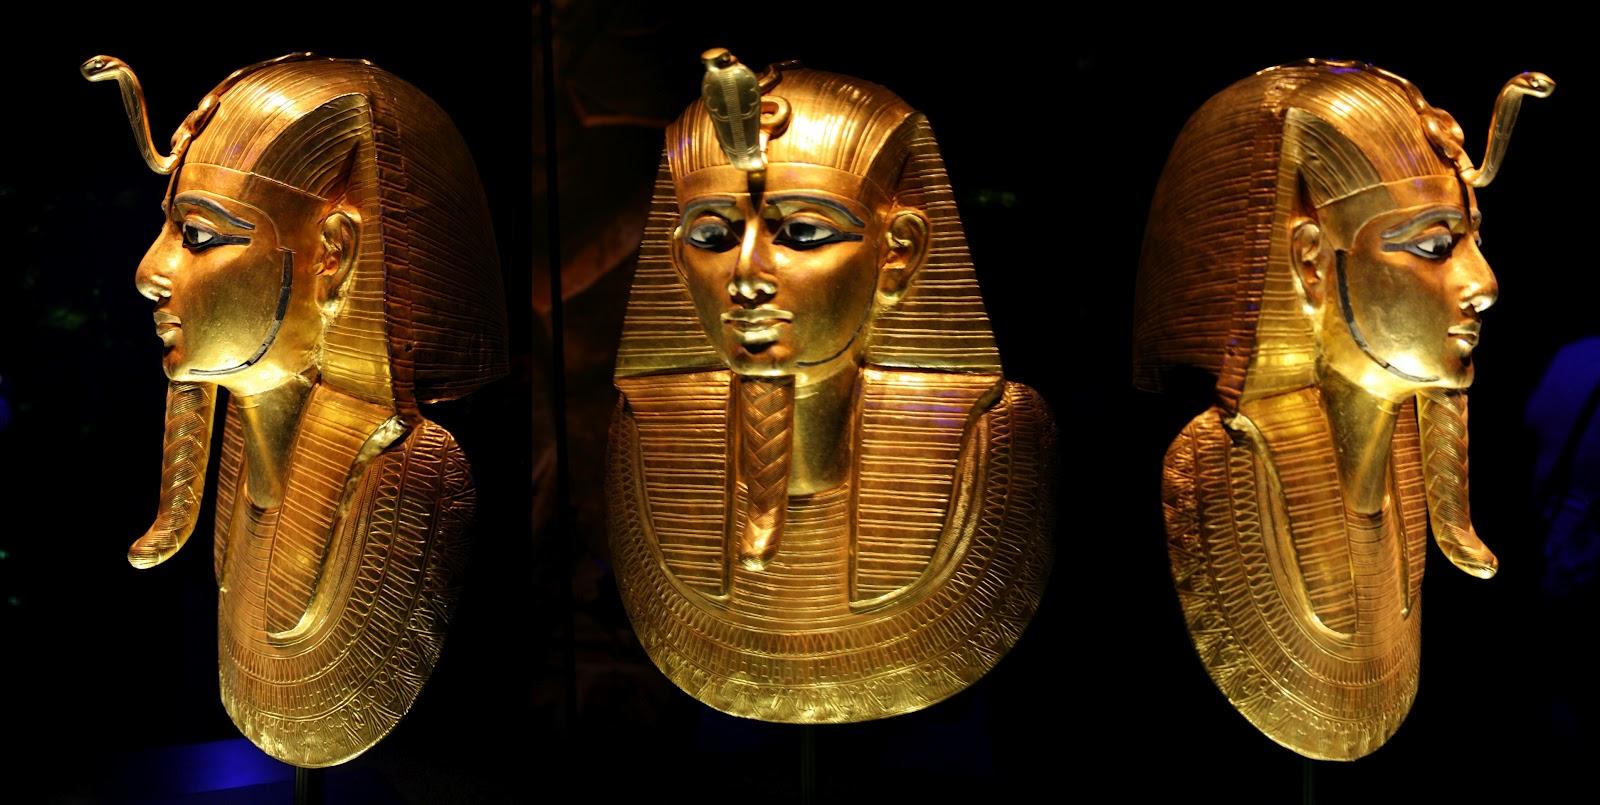 лишь фото маски фараонов всего, необходимо обеспечить